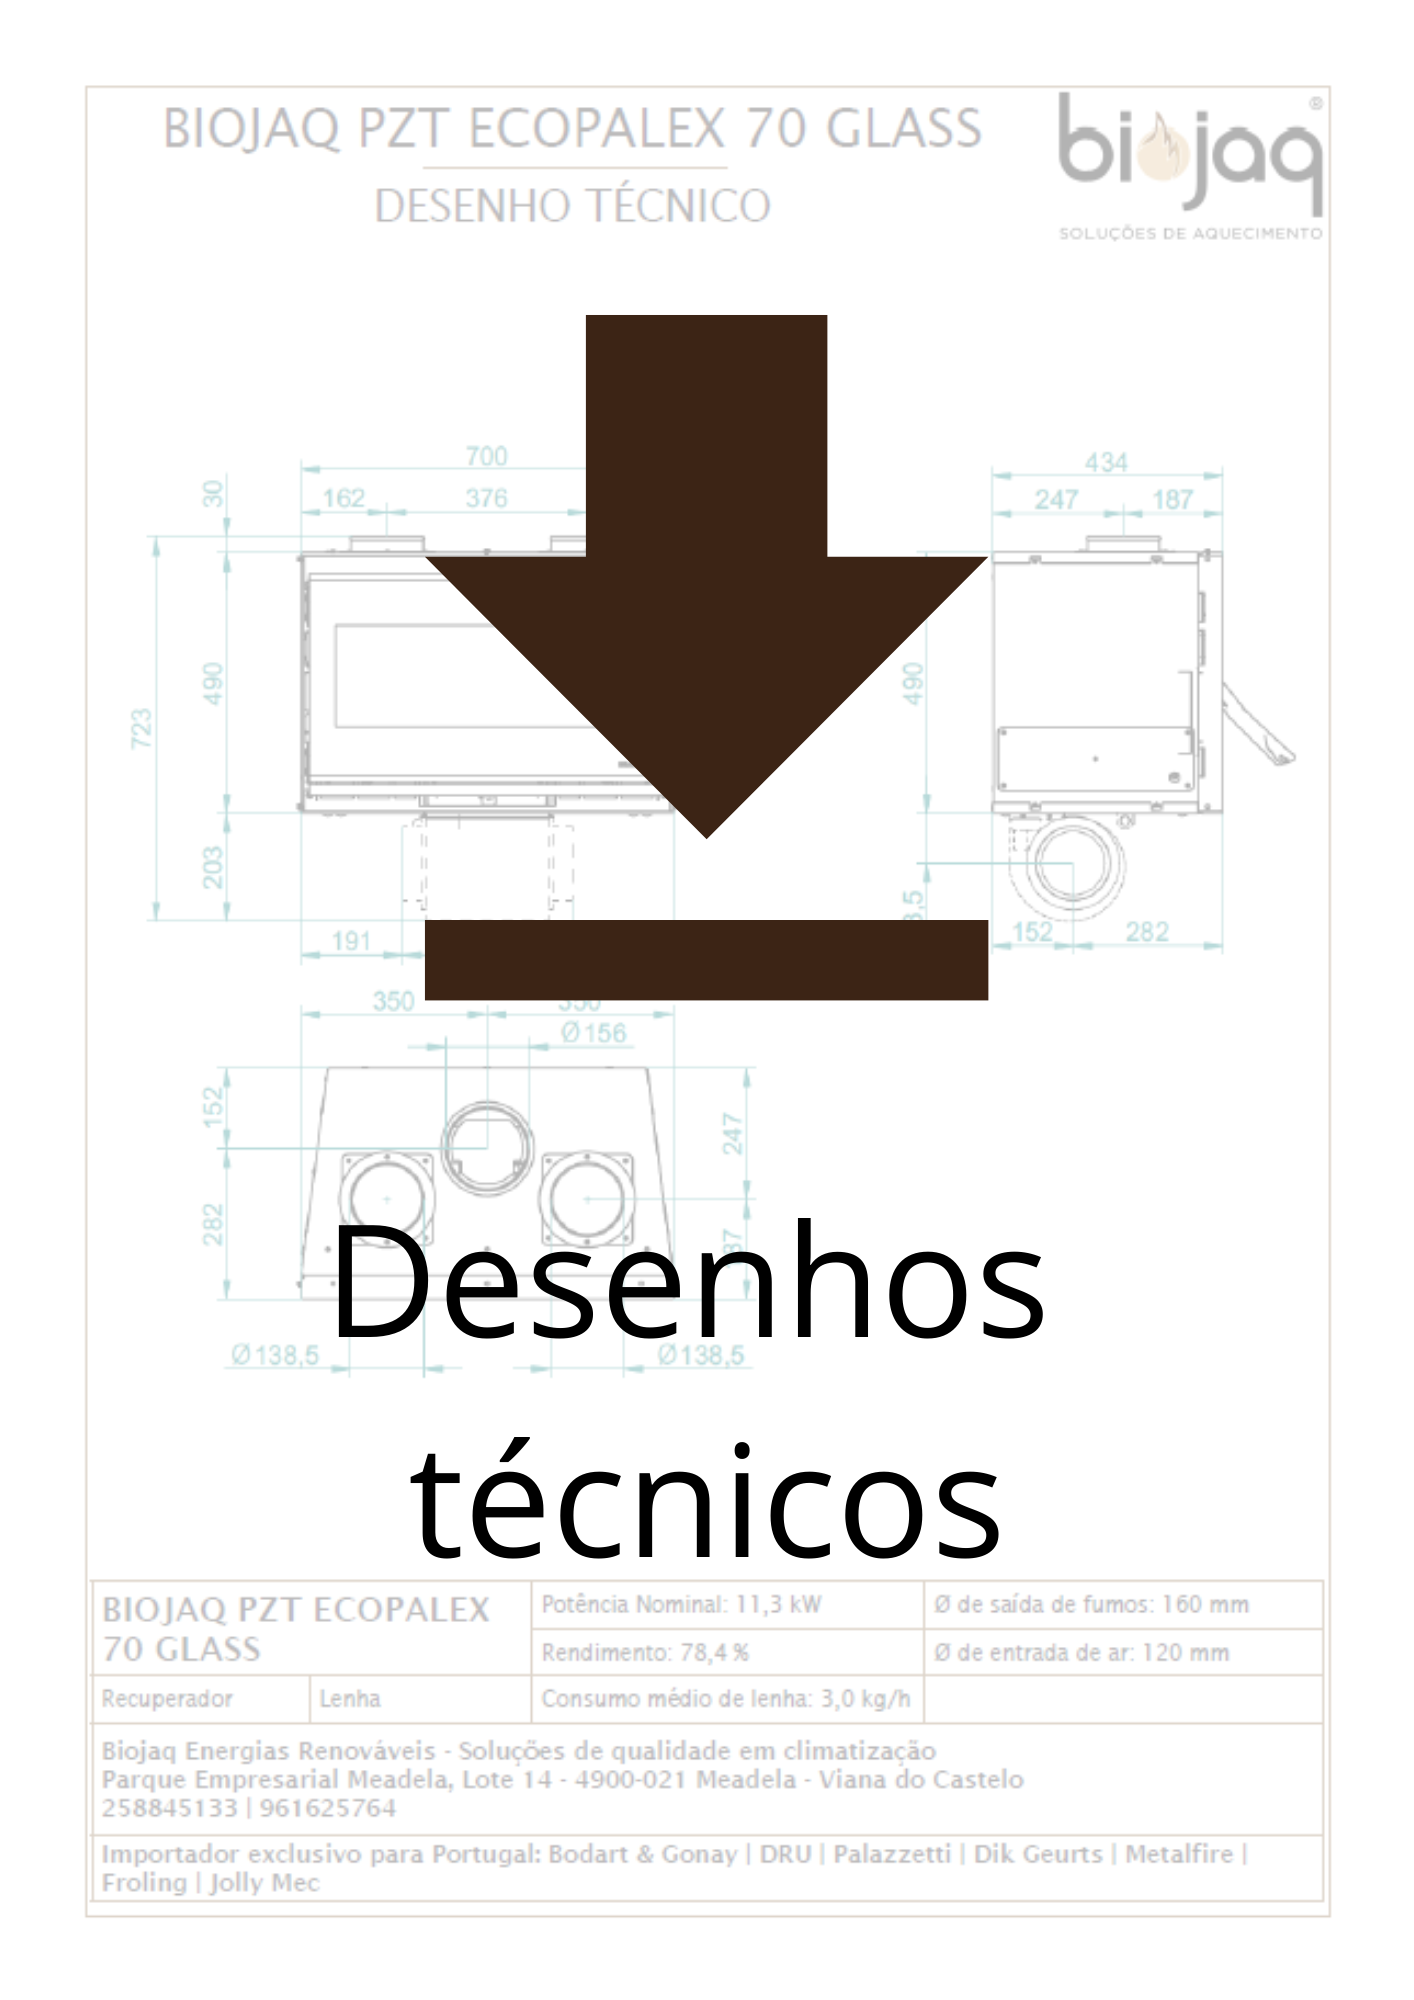 Desenhos técnicos dos equipamentos